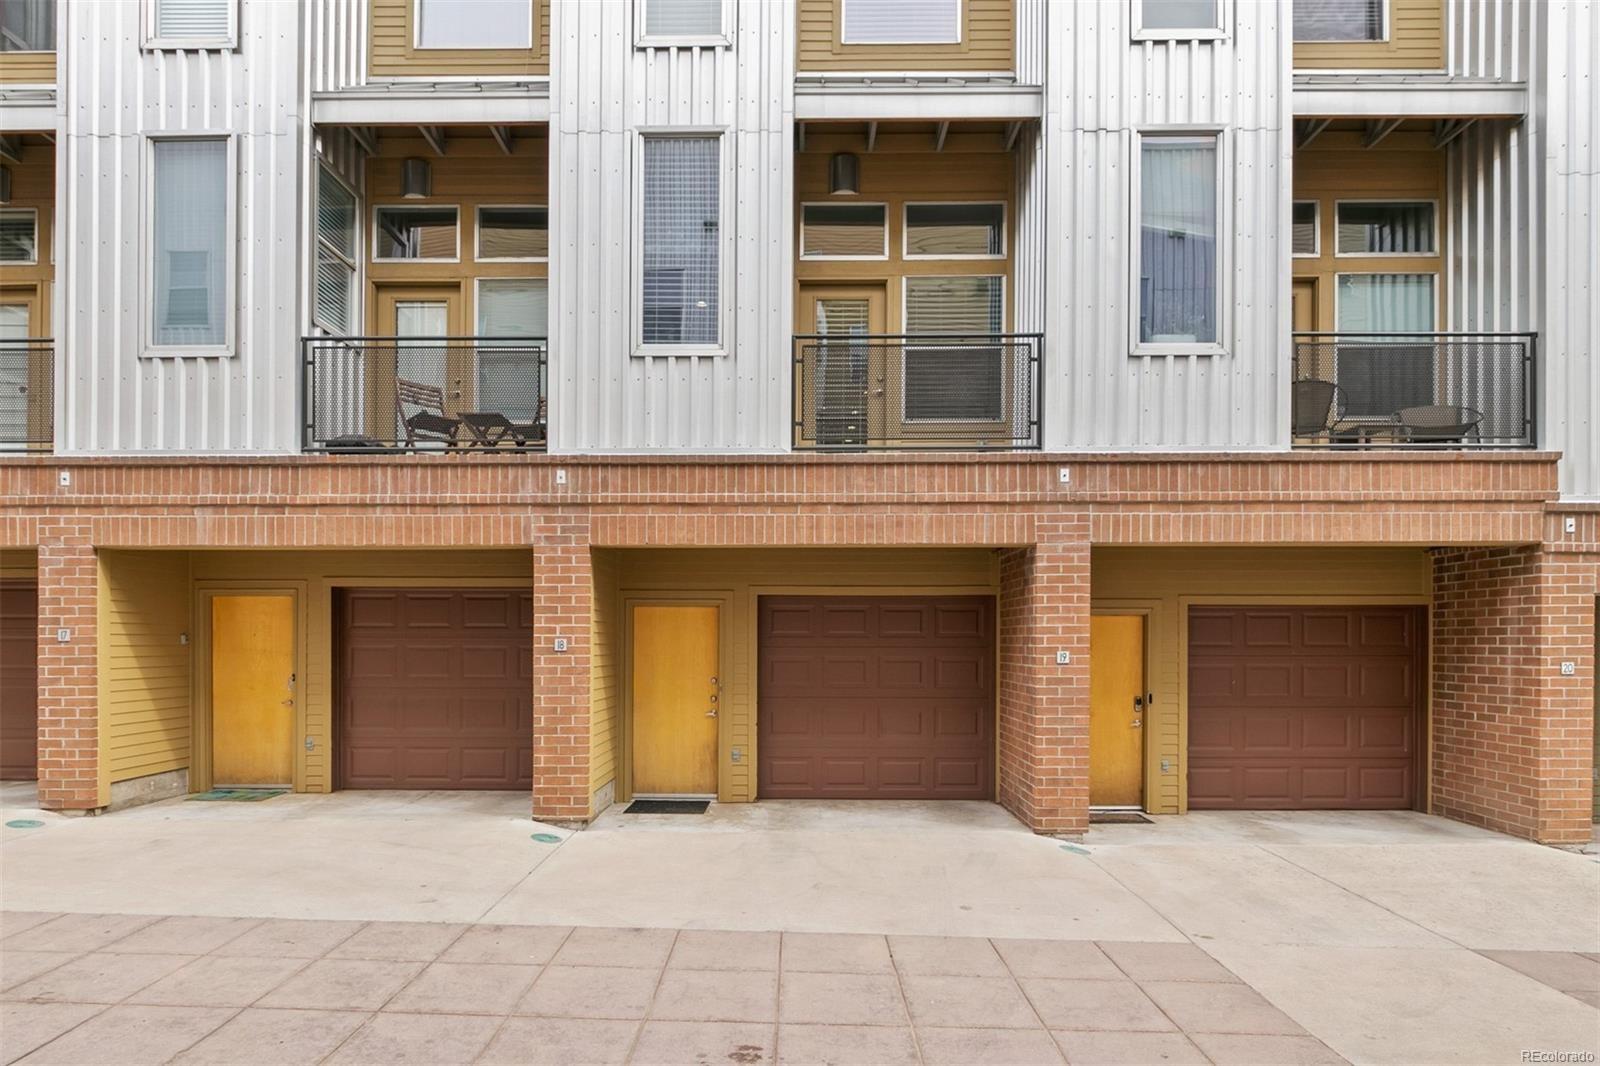 MLS# 2004221 - 4 - 2680 Blake Street #18, Denver, CO 80205